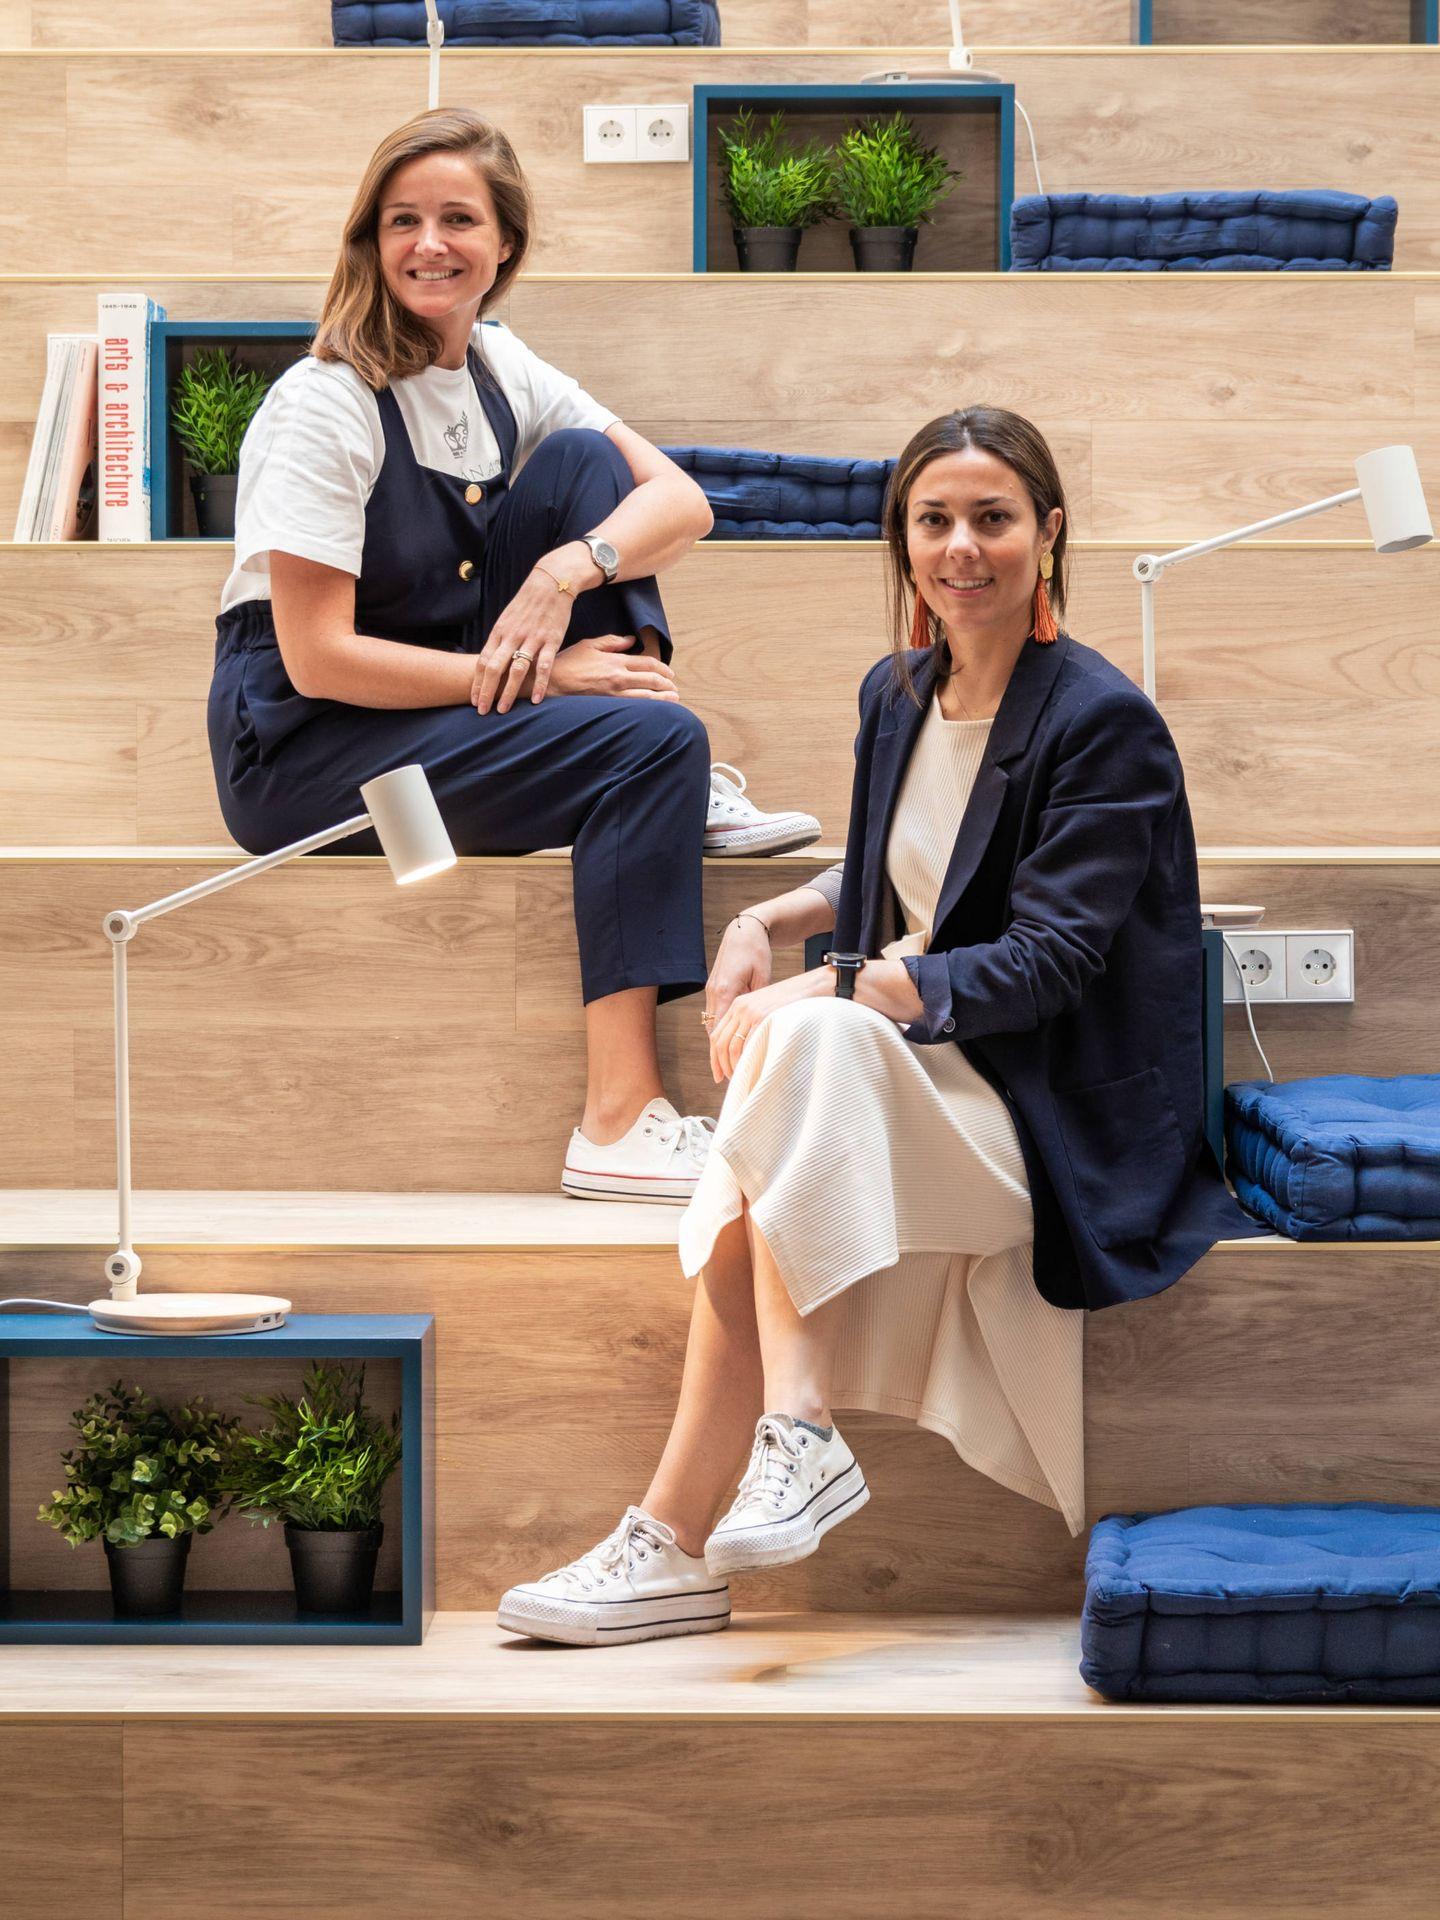 Adriana Arranz Sobrini y Cristina Chaves Galán. (Cortesía)